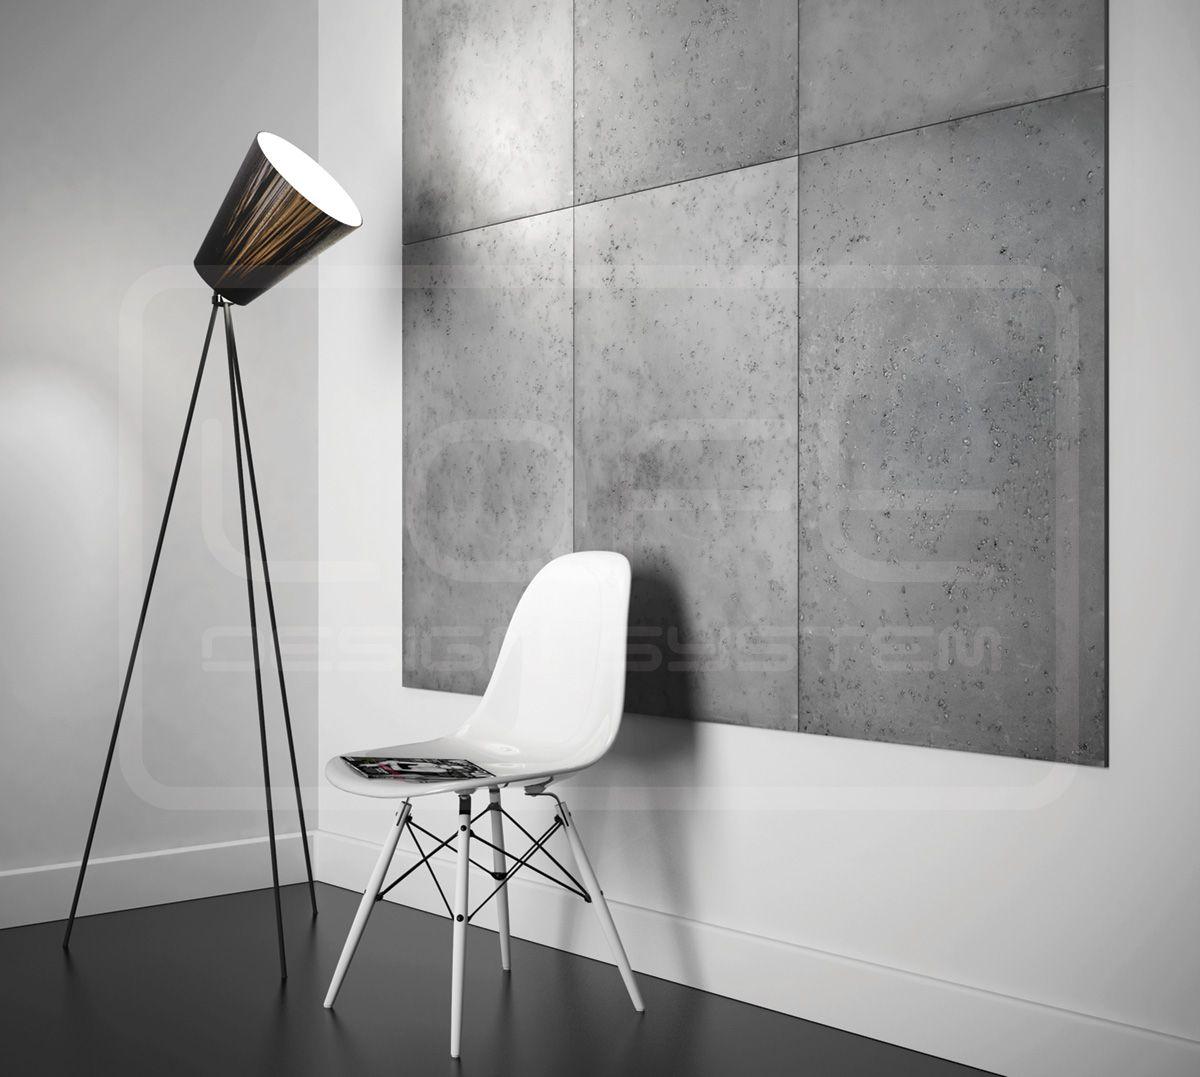 Loft model concrete 3d wall panel proje loft design system 3d wall pinterest - Concrete fence models design ...